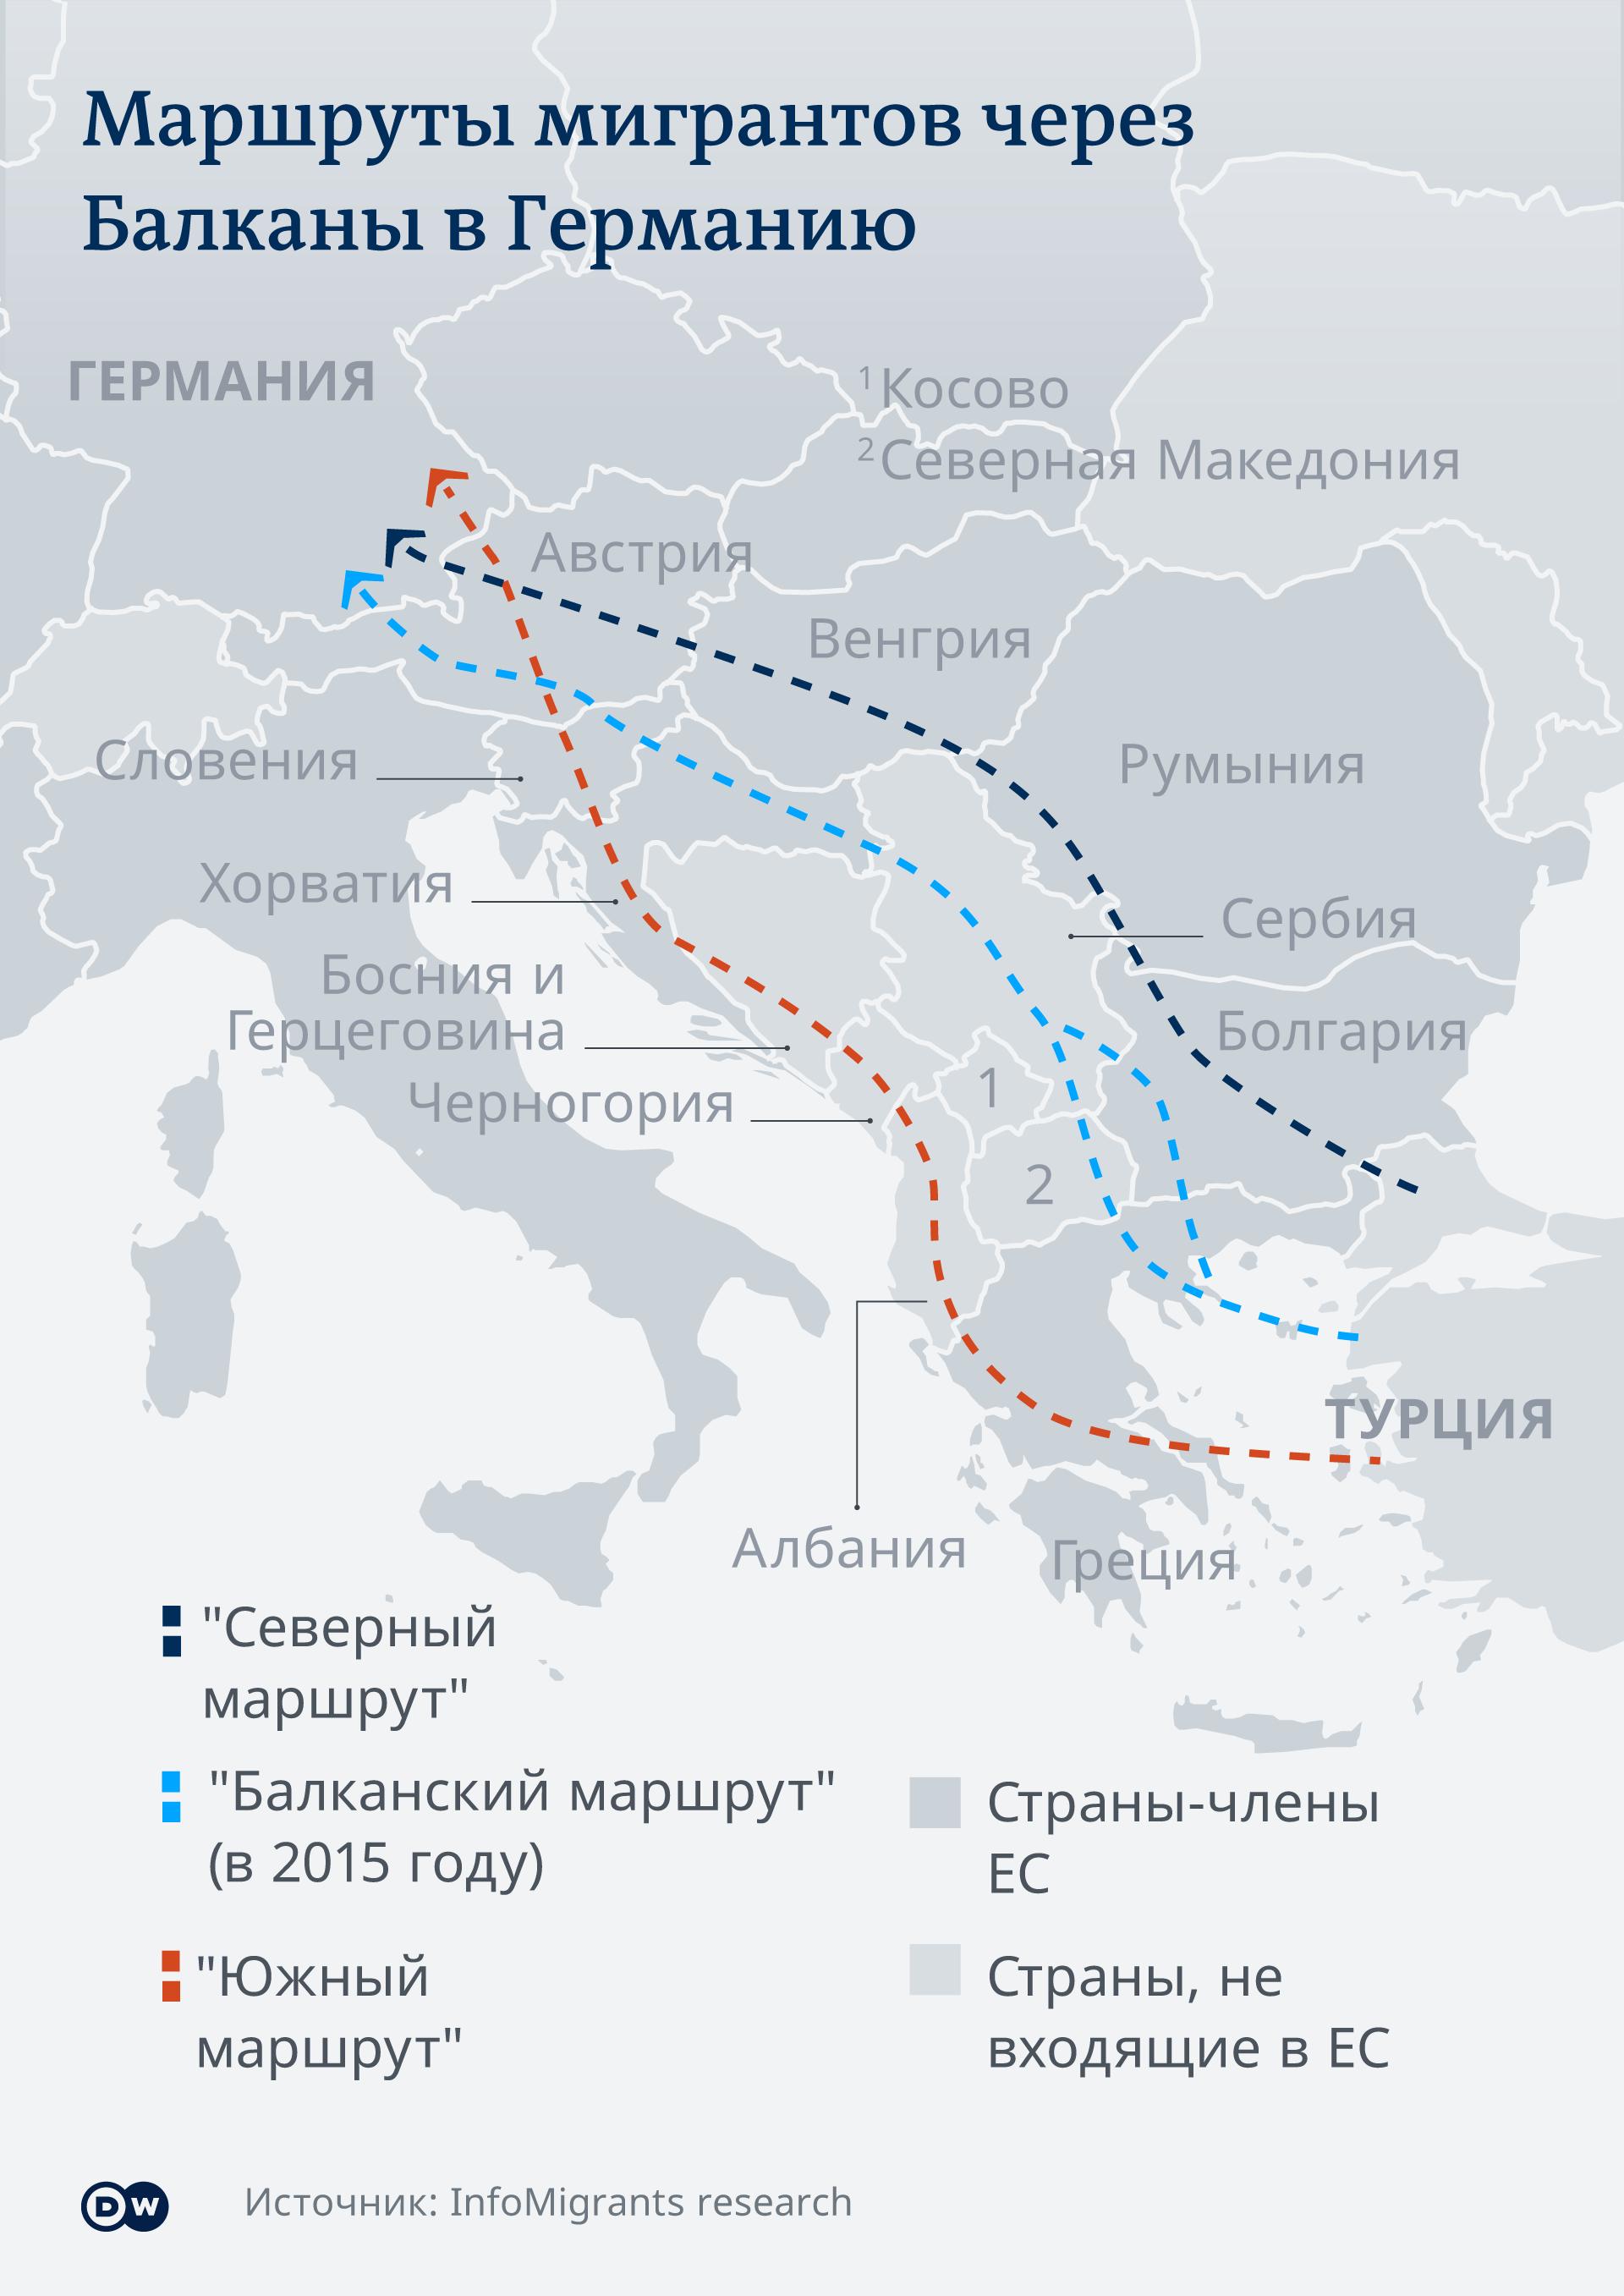 Инфографика: Маршруты мигрантов через Балканы в Германию